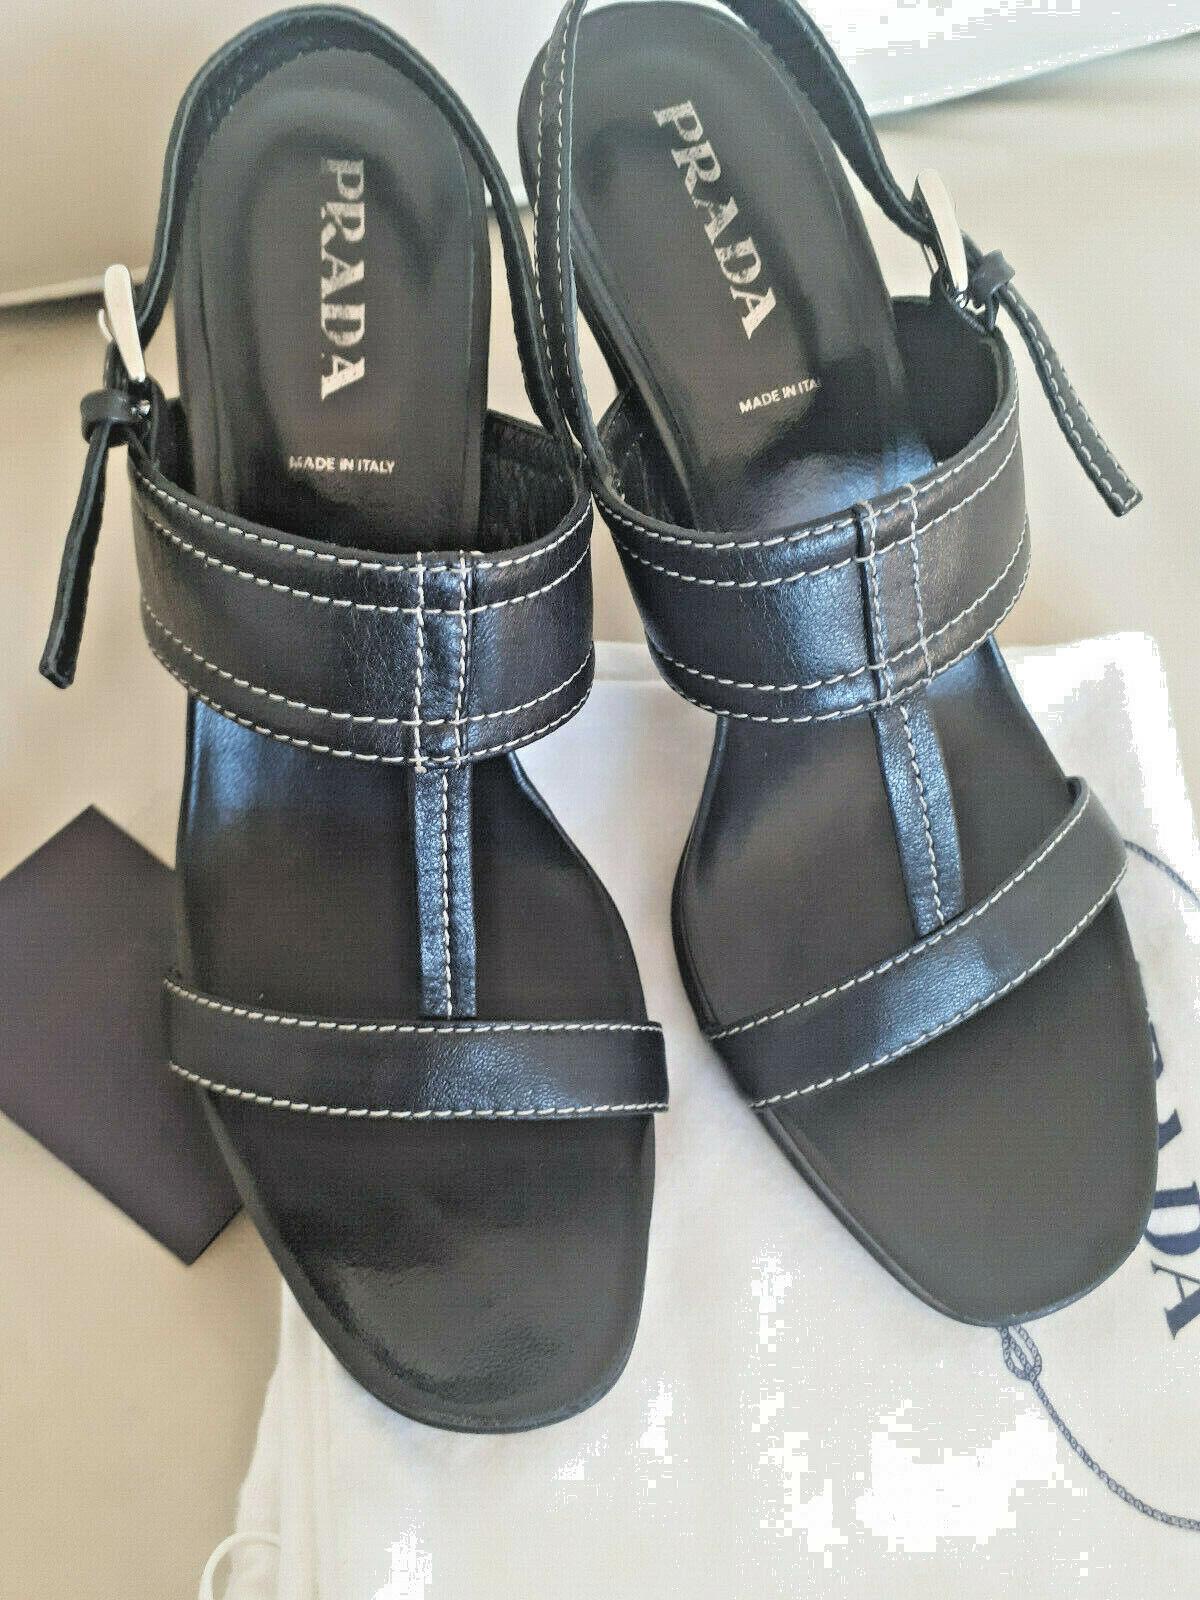 SEXY  PRADA Sandalette Pumps High Heels Gr. 37, 38 schwarz mit weißer Steppung